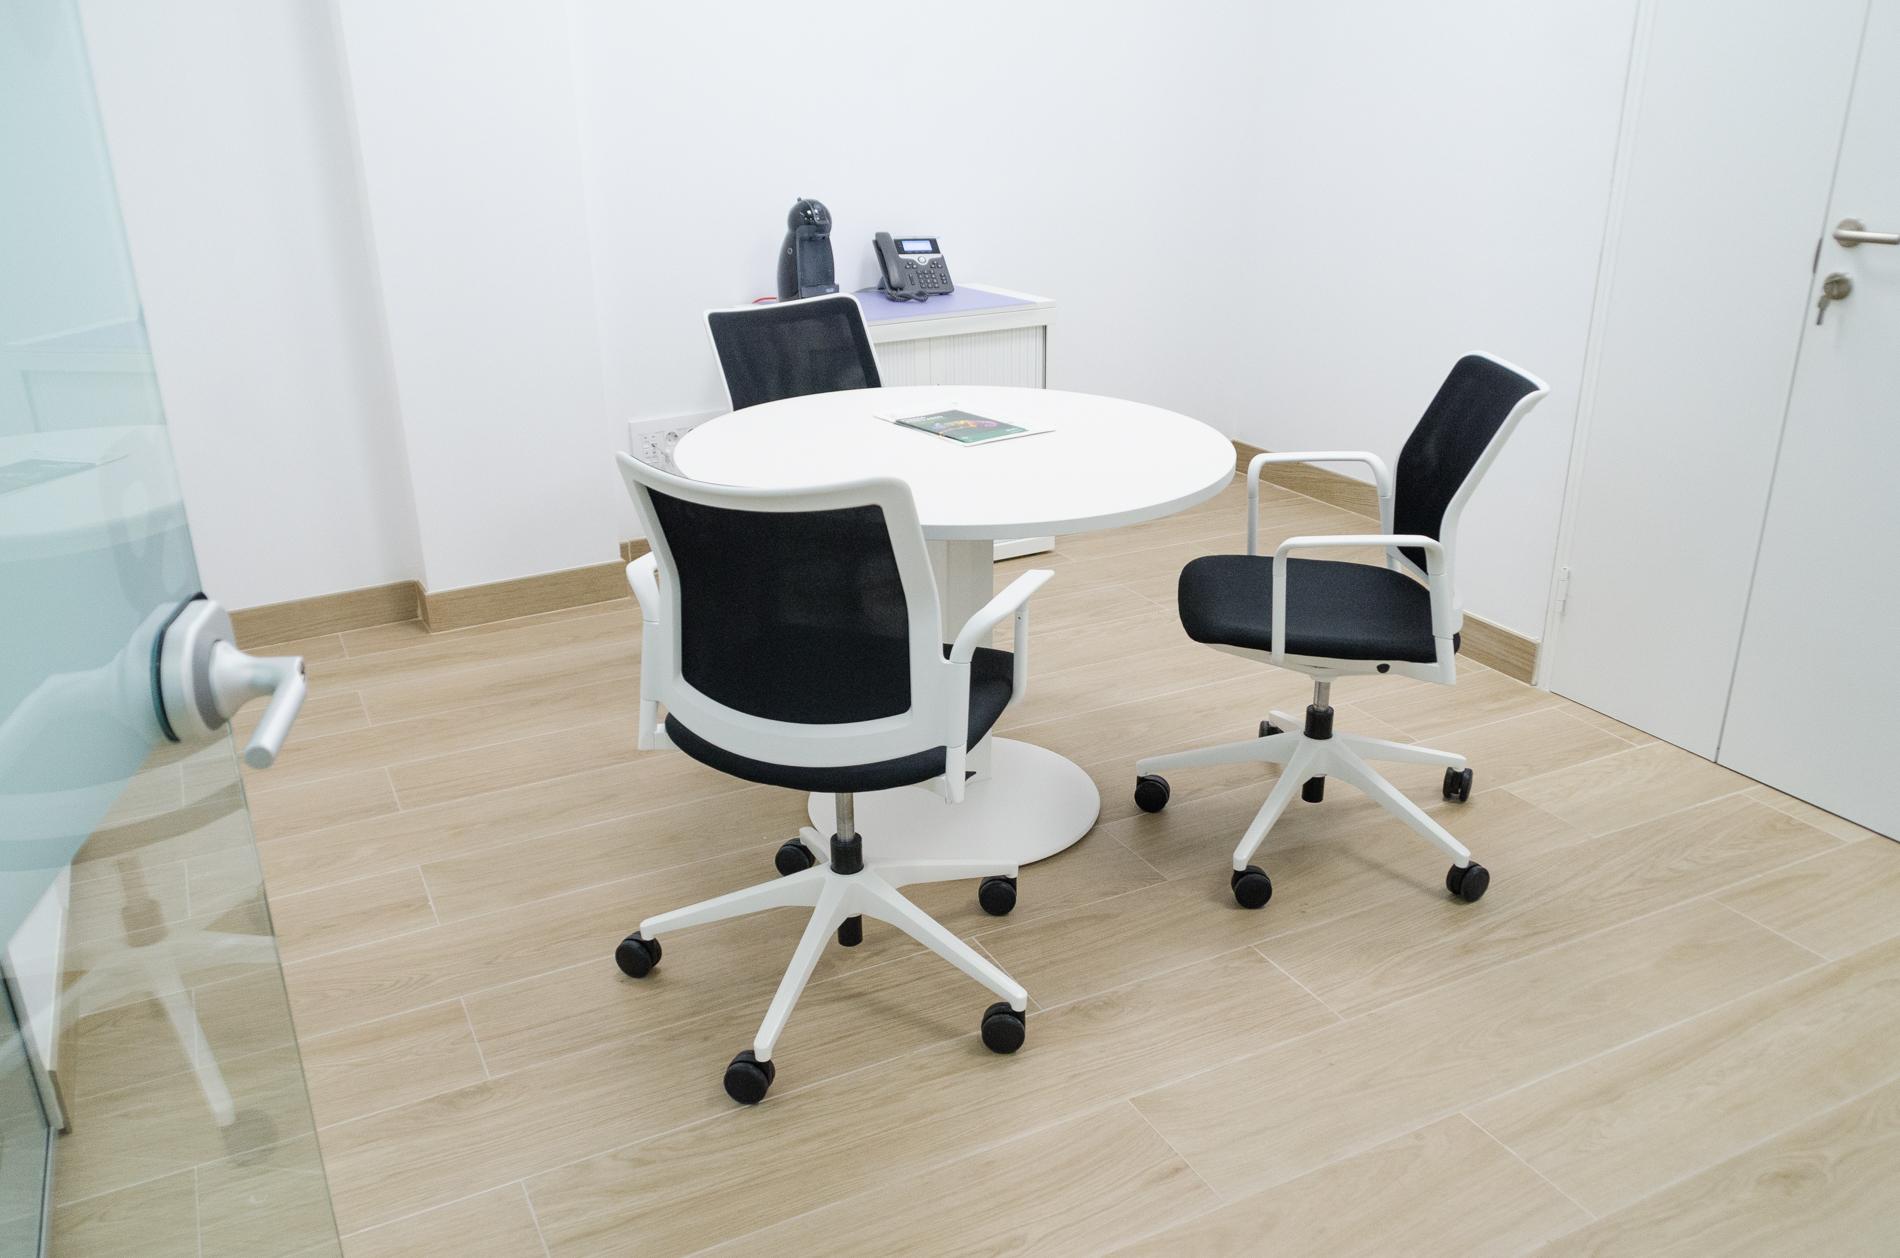 Oficines caixa popular ld 7 oficines muebles de for Oficinas la caixa valencia capital